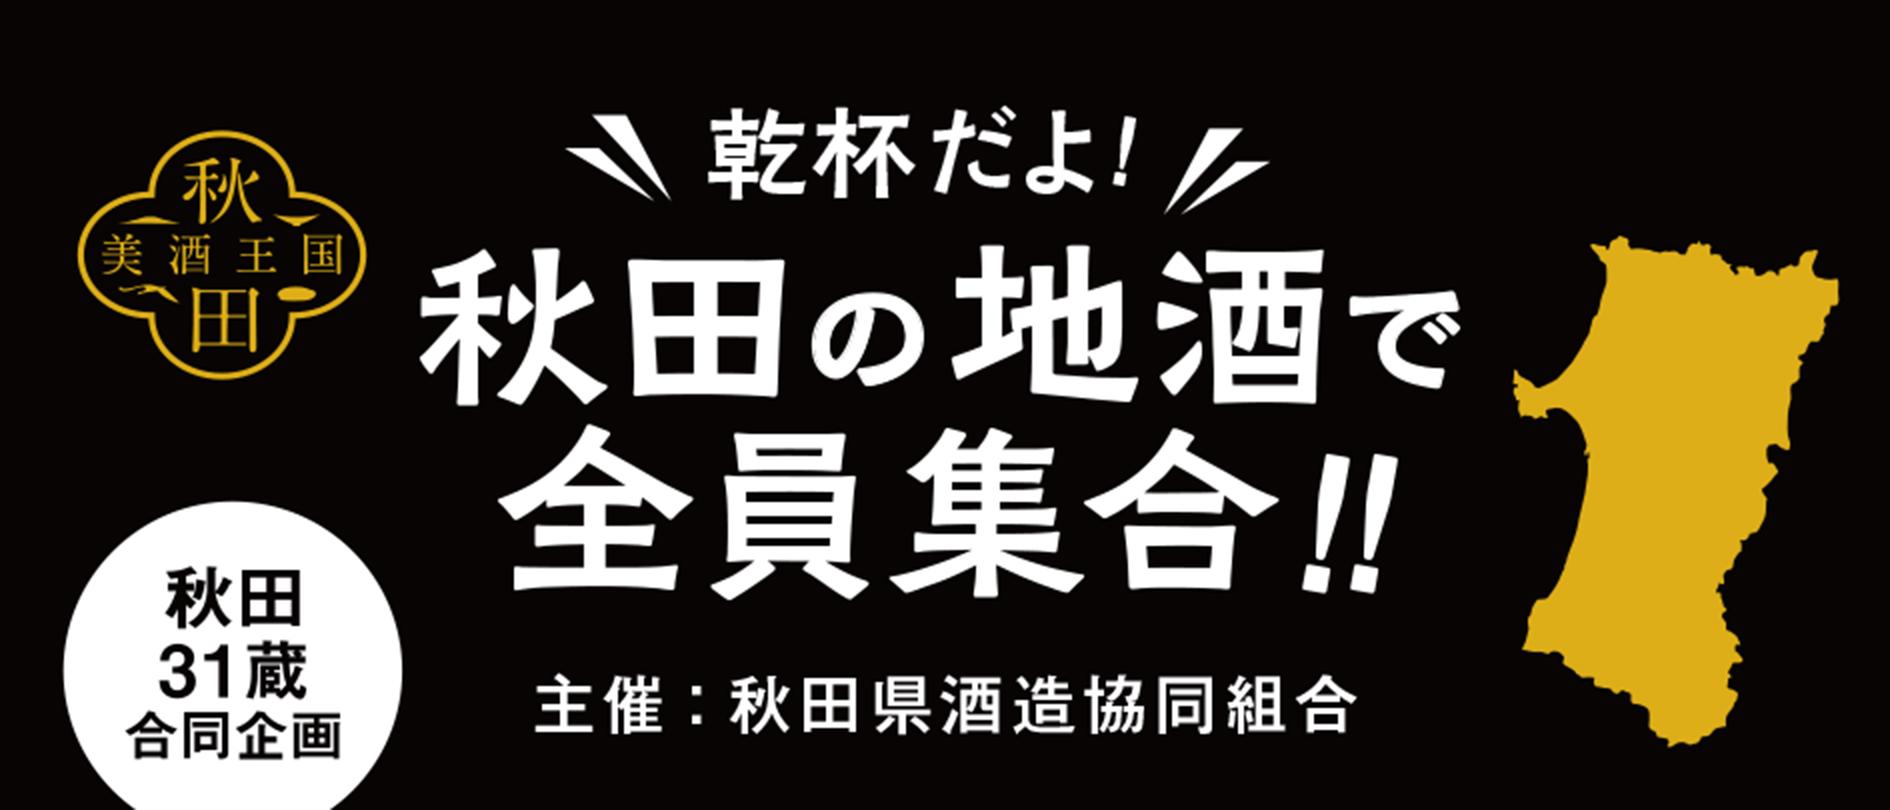 秋田の地酒で全員集合!!